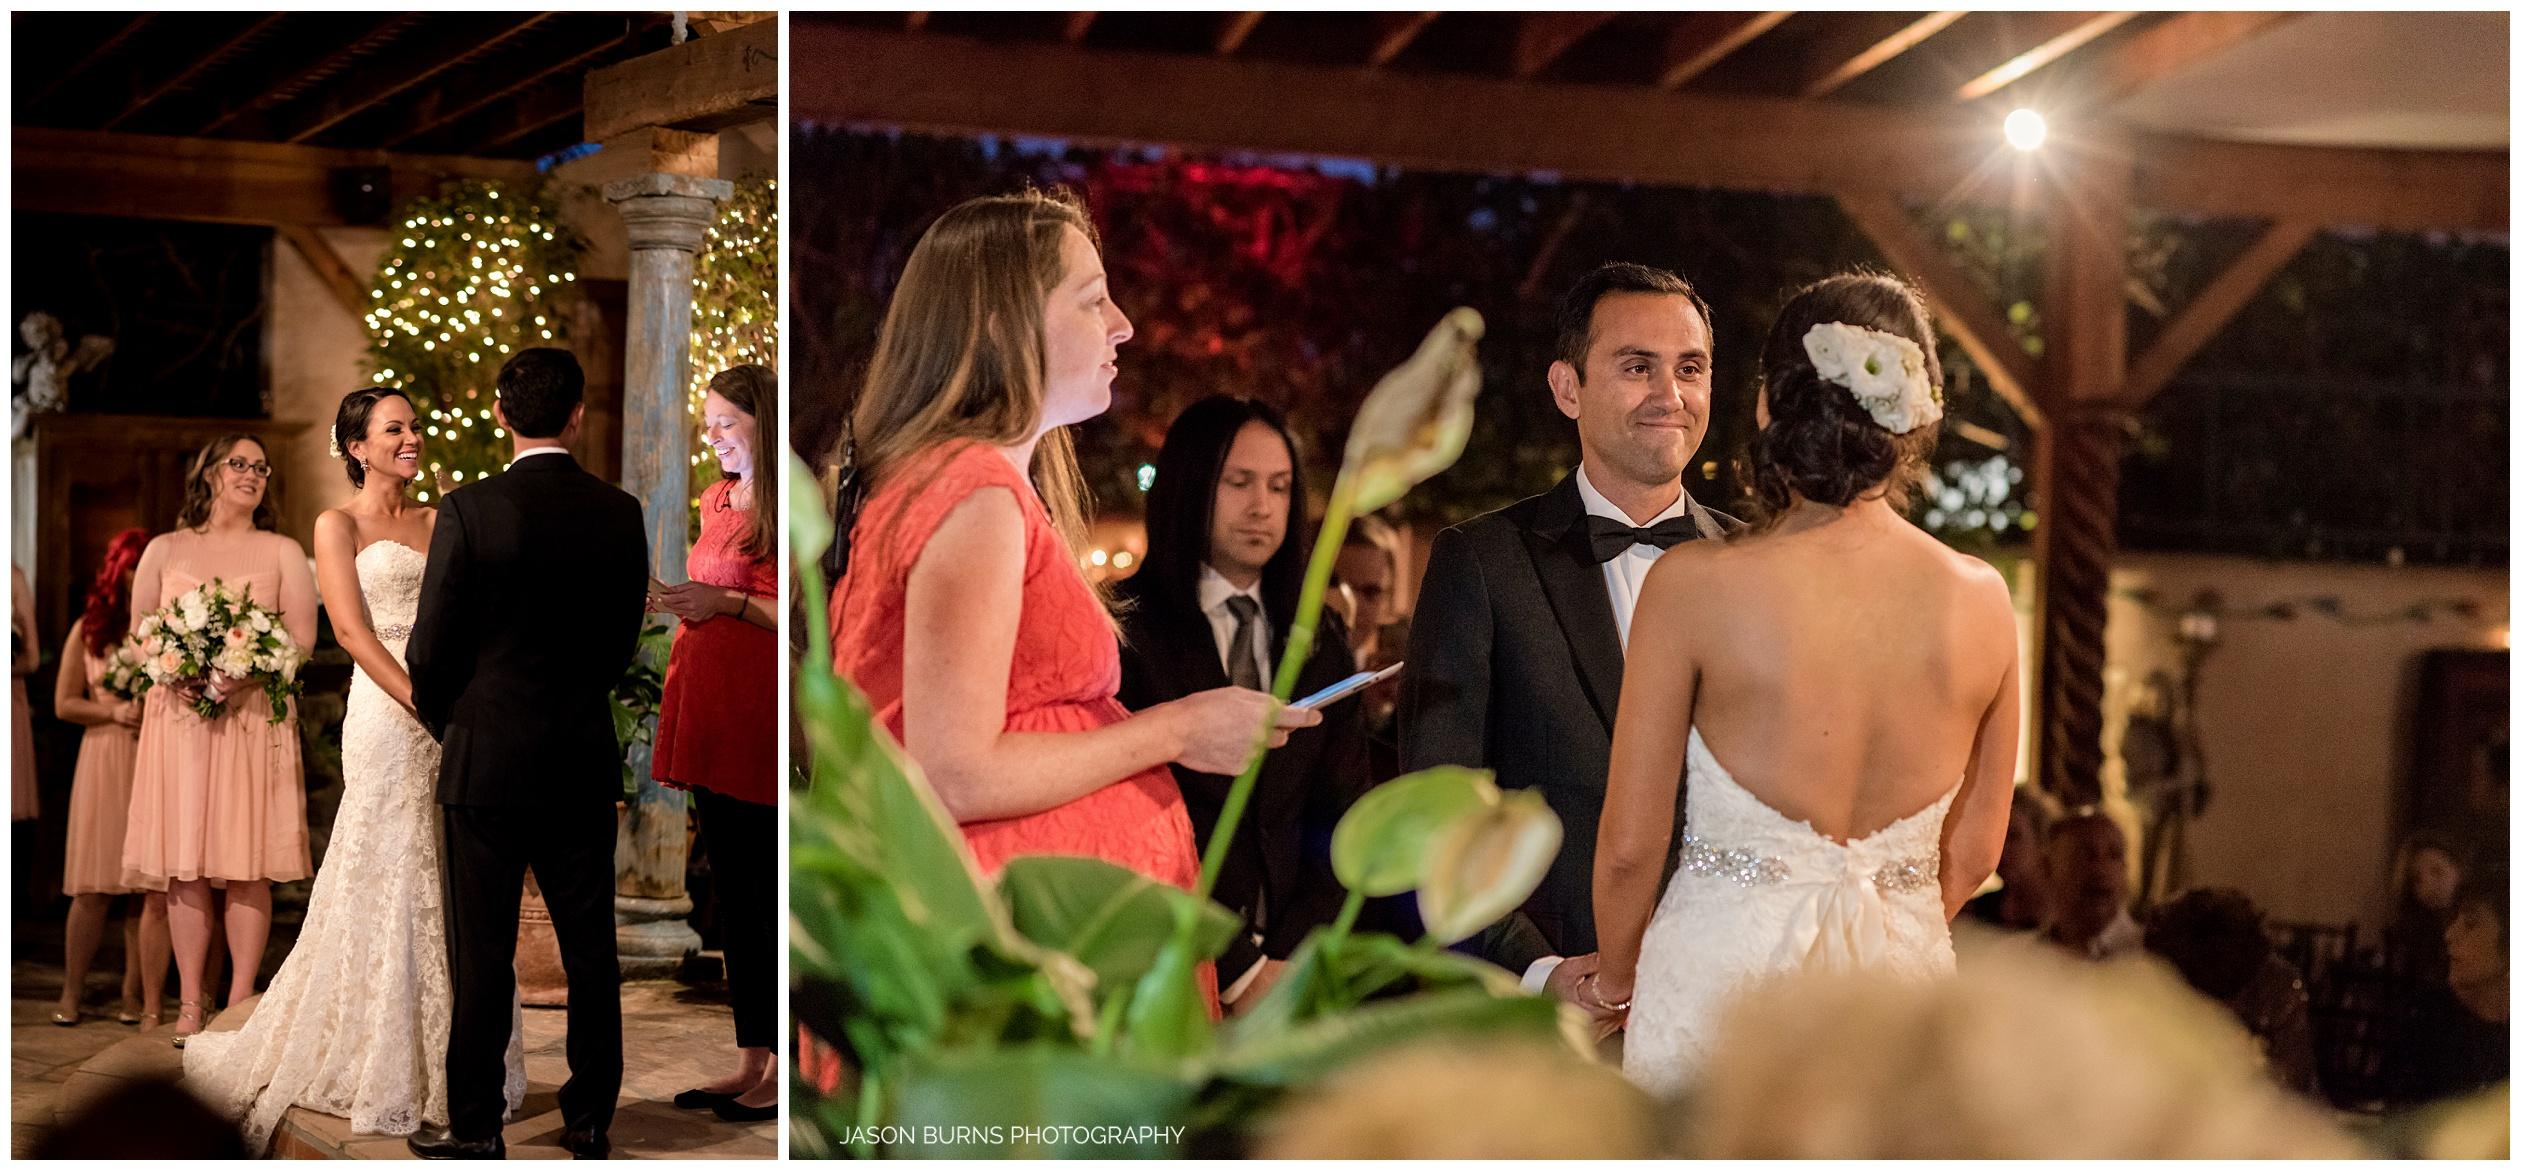 Wedding Ceremony at The Hacienda, Santa Ana